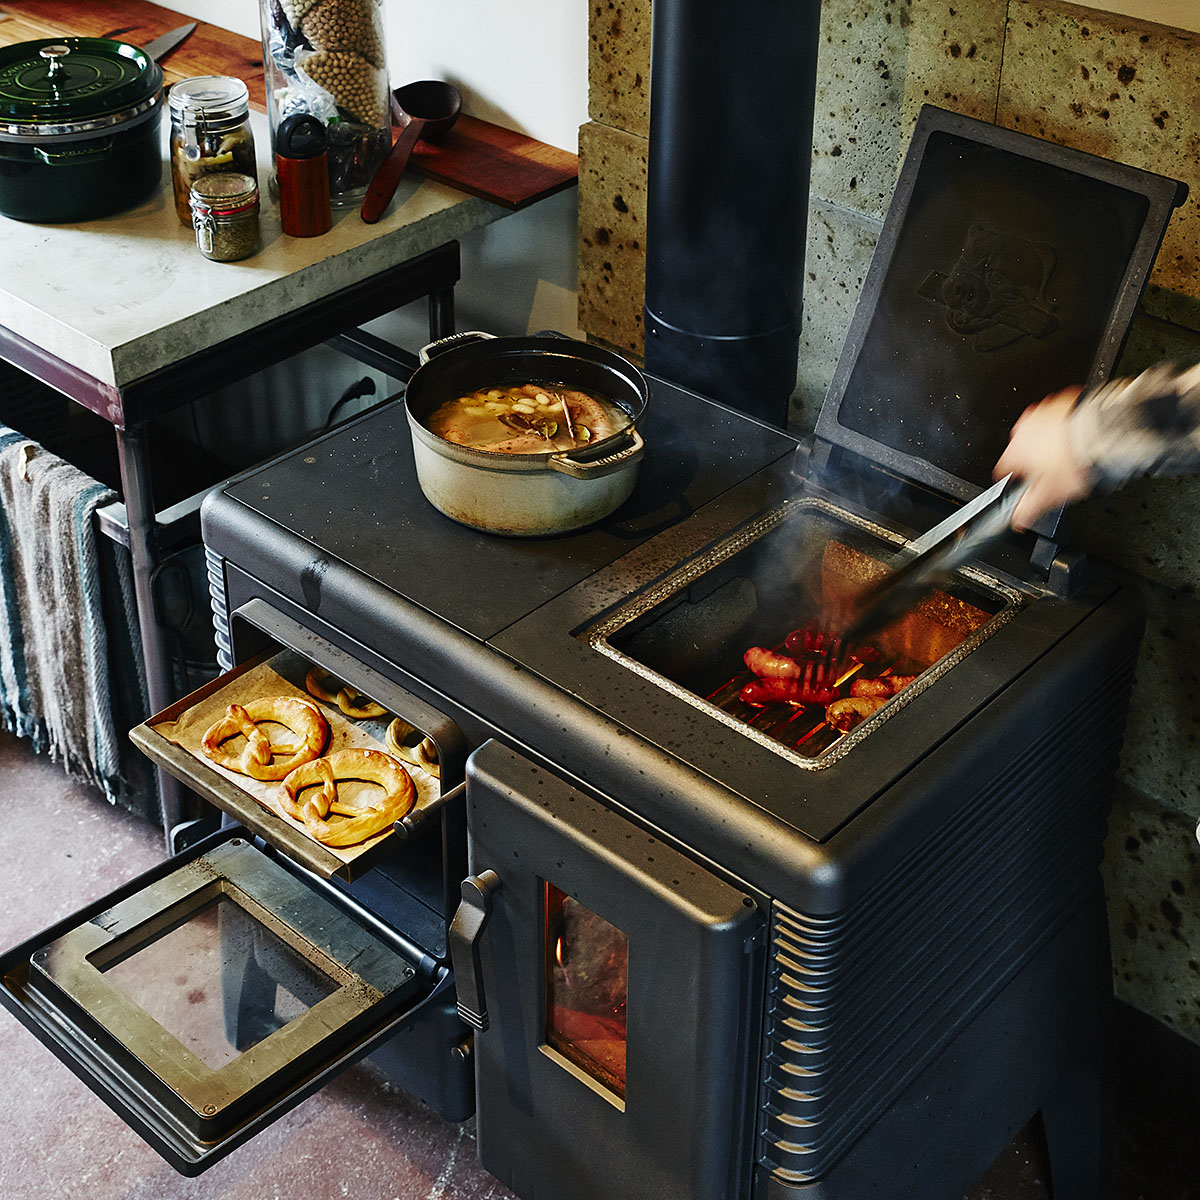 アイアンドッグ no6 料理のできる薪ストーブ